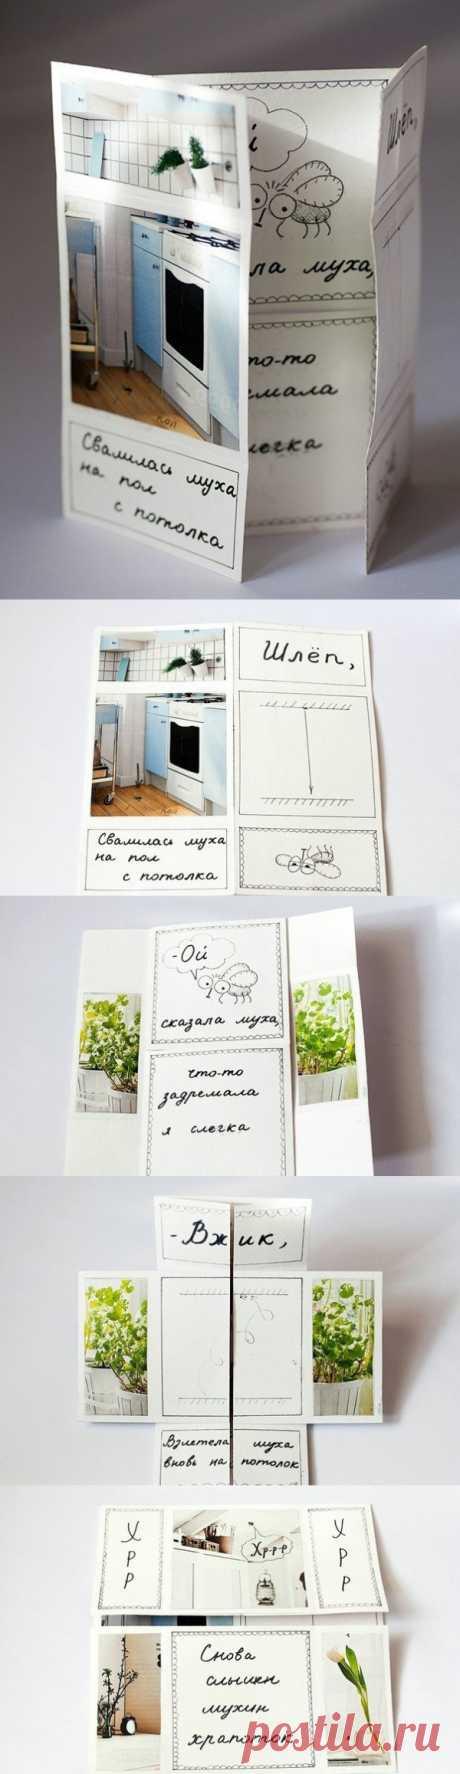 Бесконечная открытка! :)